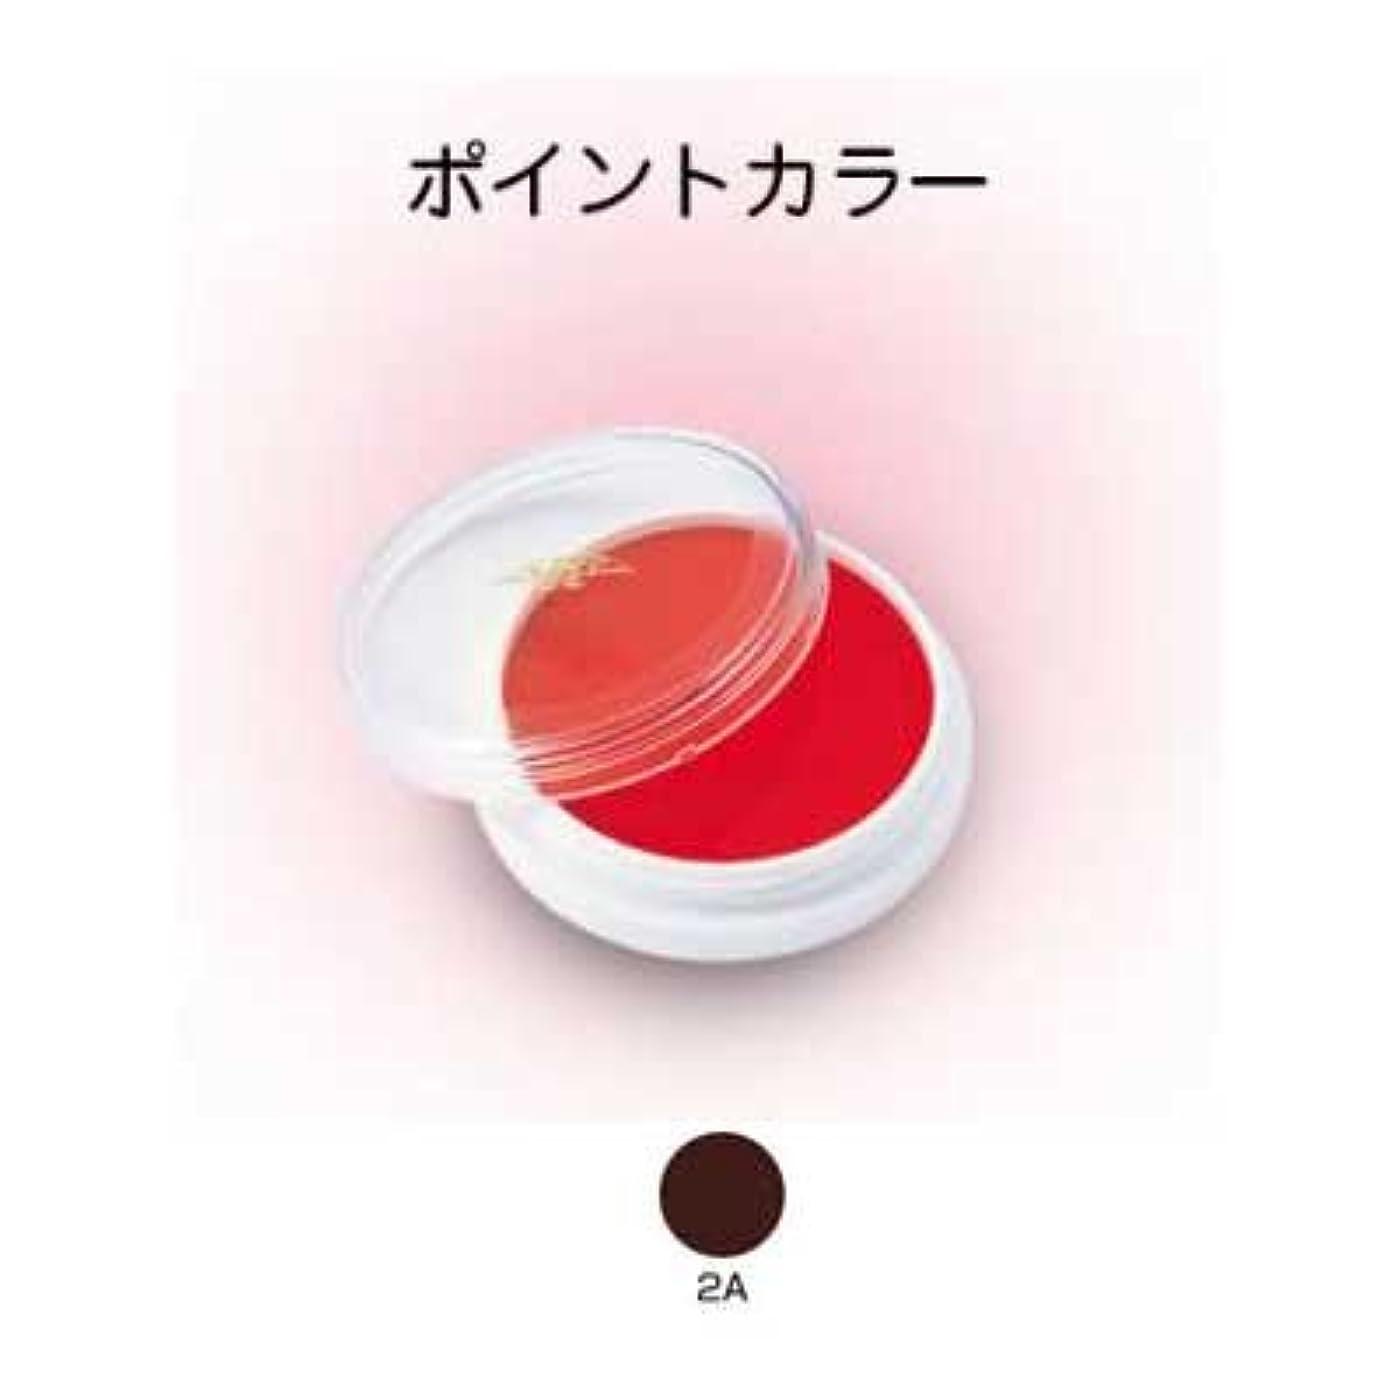 ぐるぐる不振もしライニングカラー 4g 2A【三善】